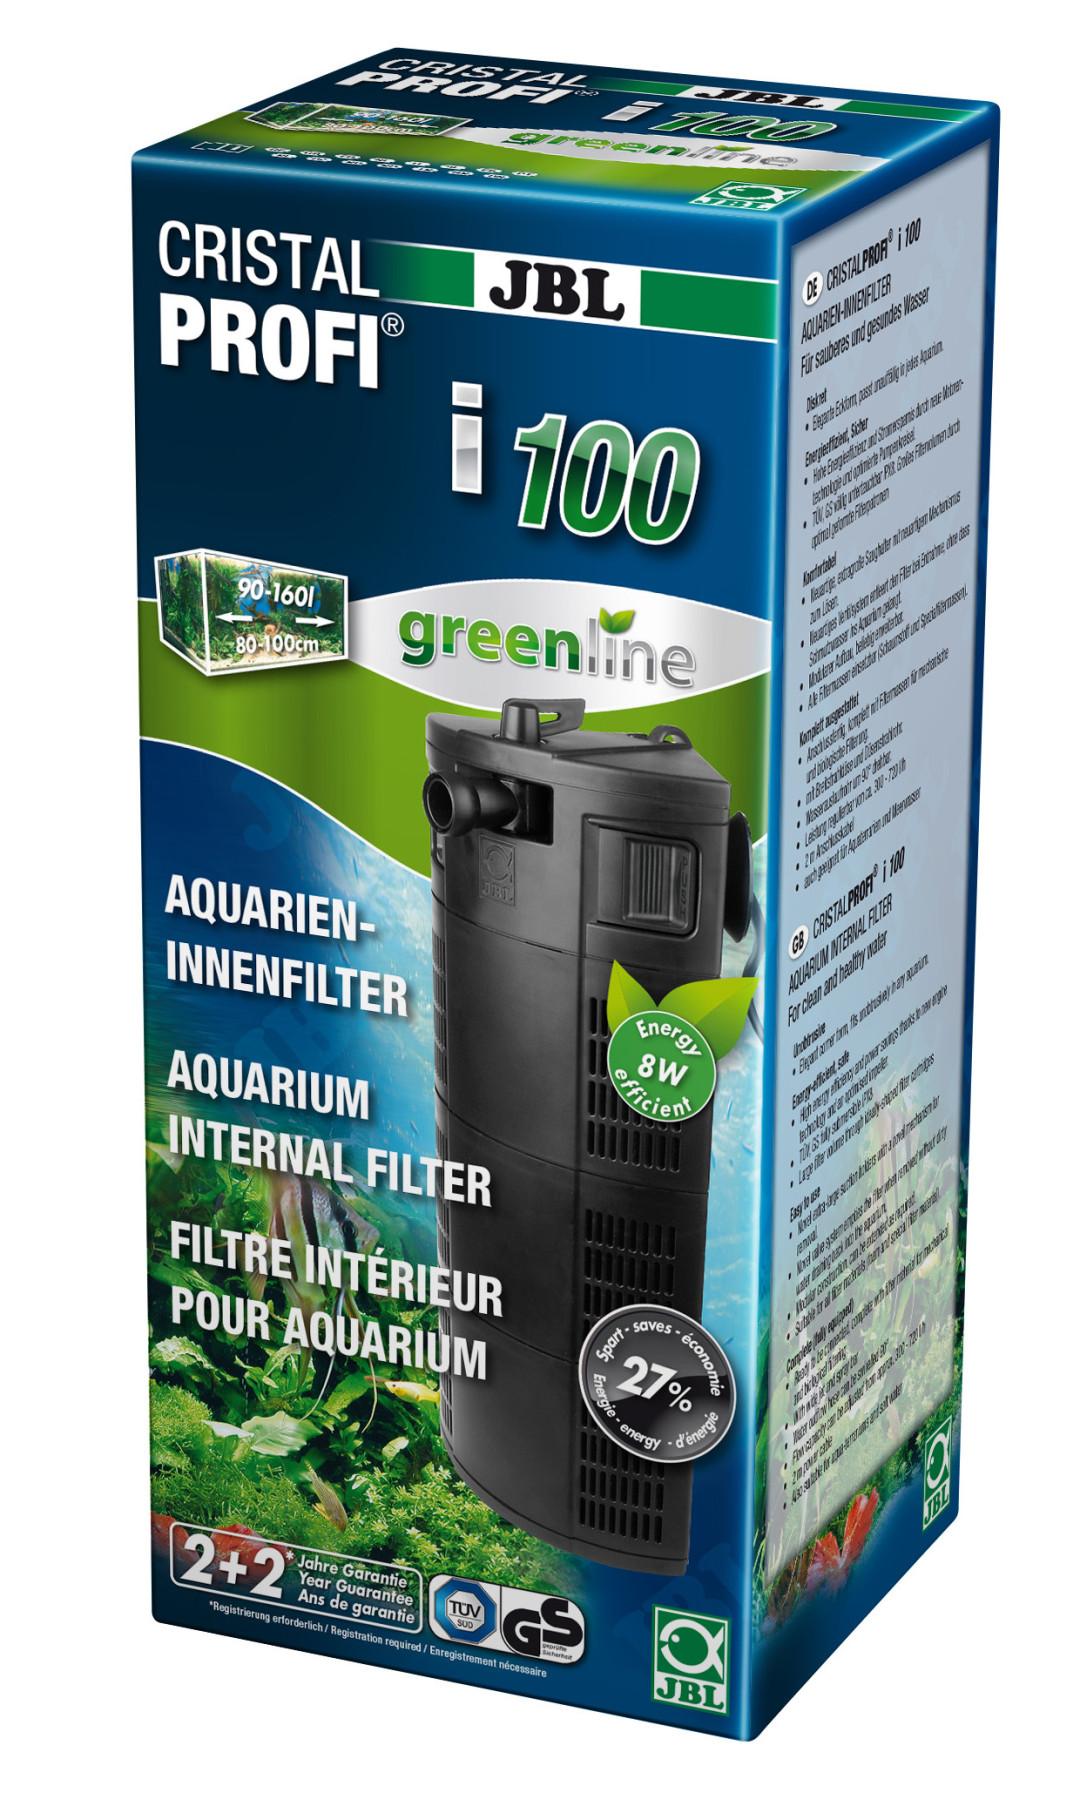 JBL binnenfilter CristalProfi i100 greenline